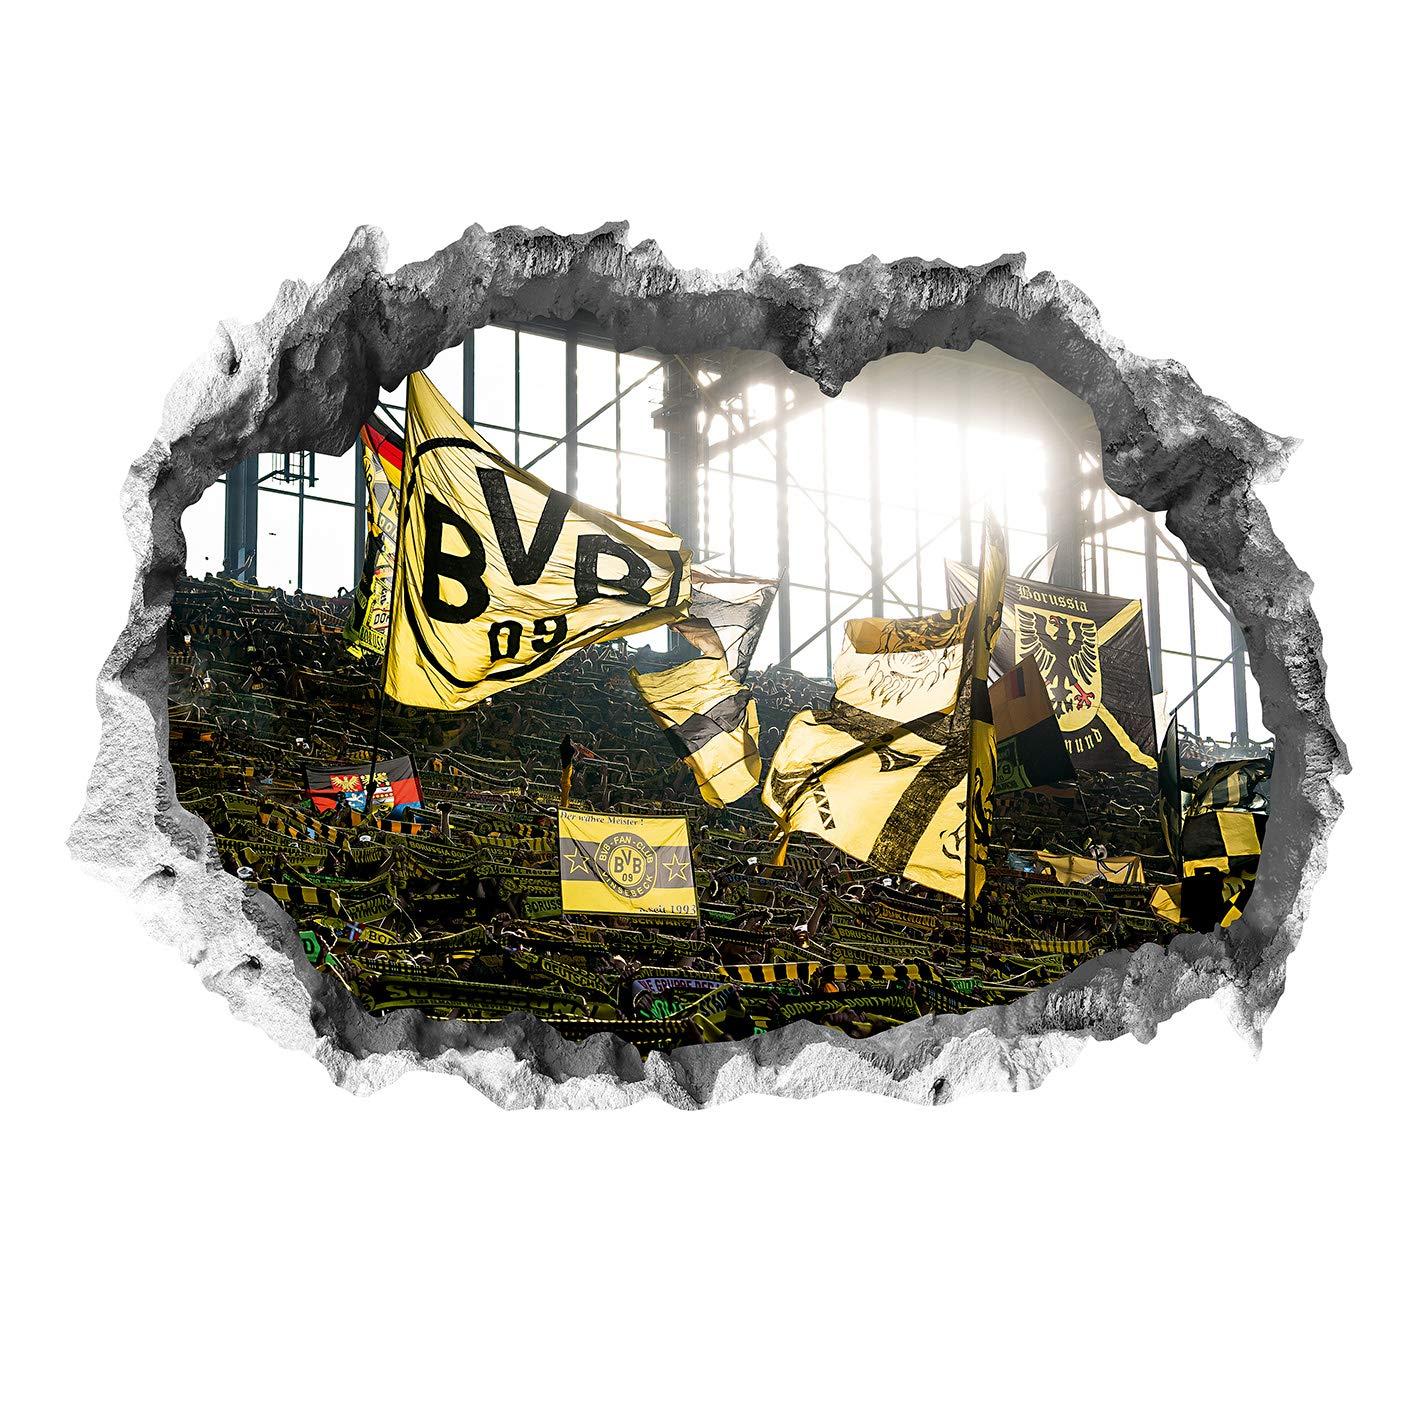 Wandtattoo BVB Skyline mit Logo farbig Fanshop Dortmund Fanartikel Wanddeko Deko